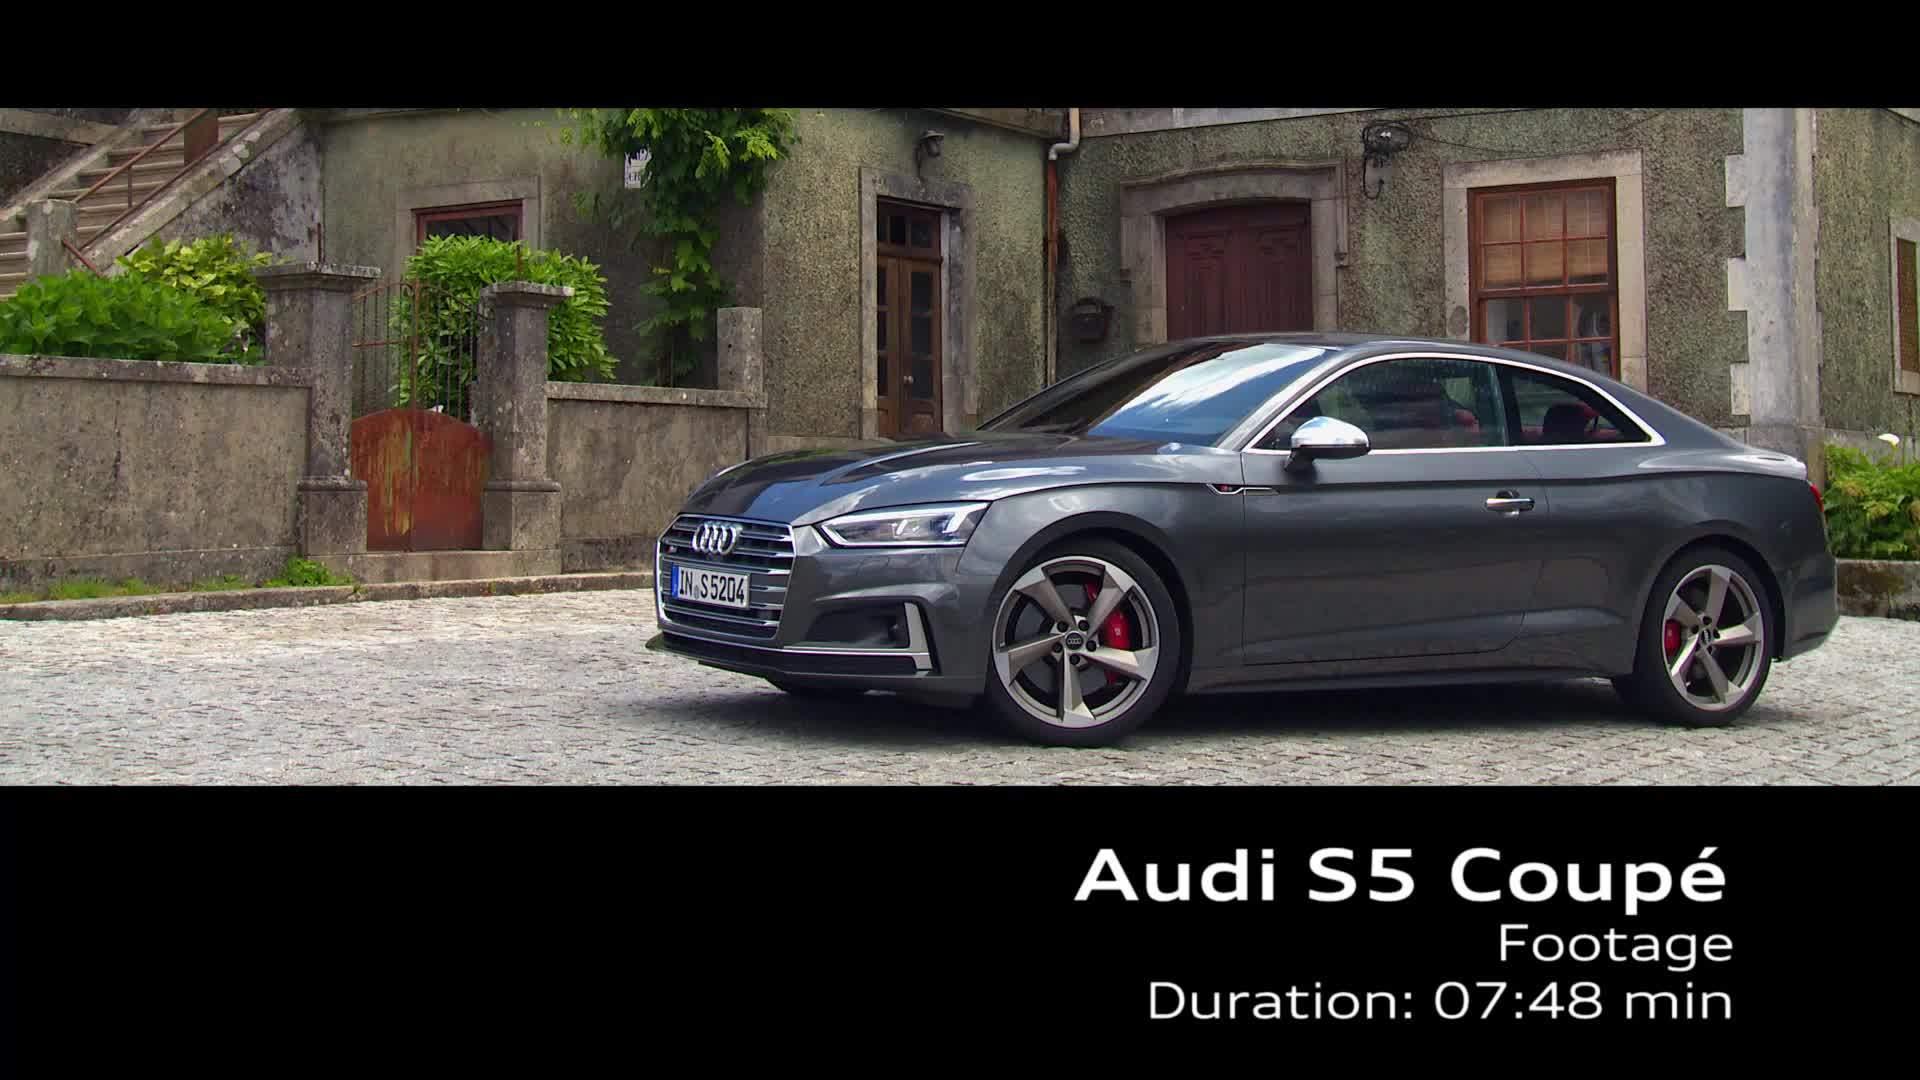 Audi S5 Coupé – Footage Portugal